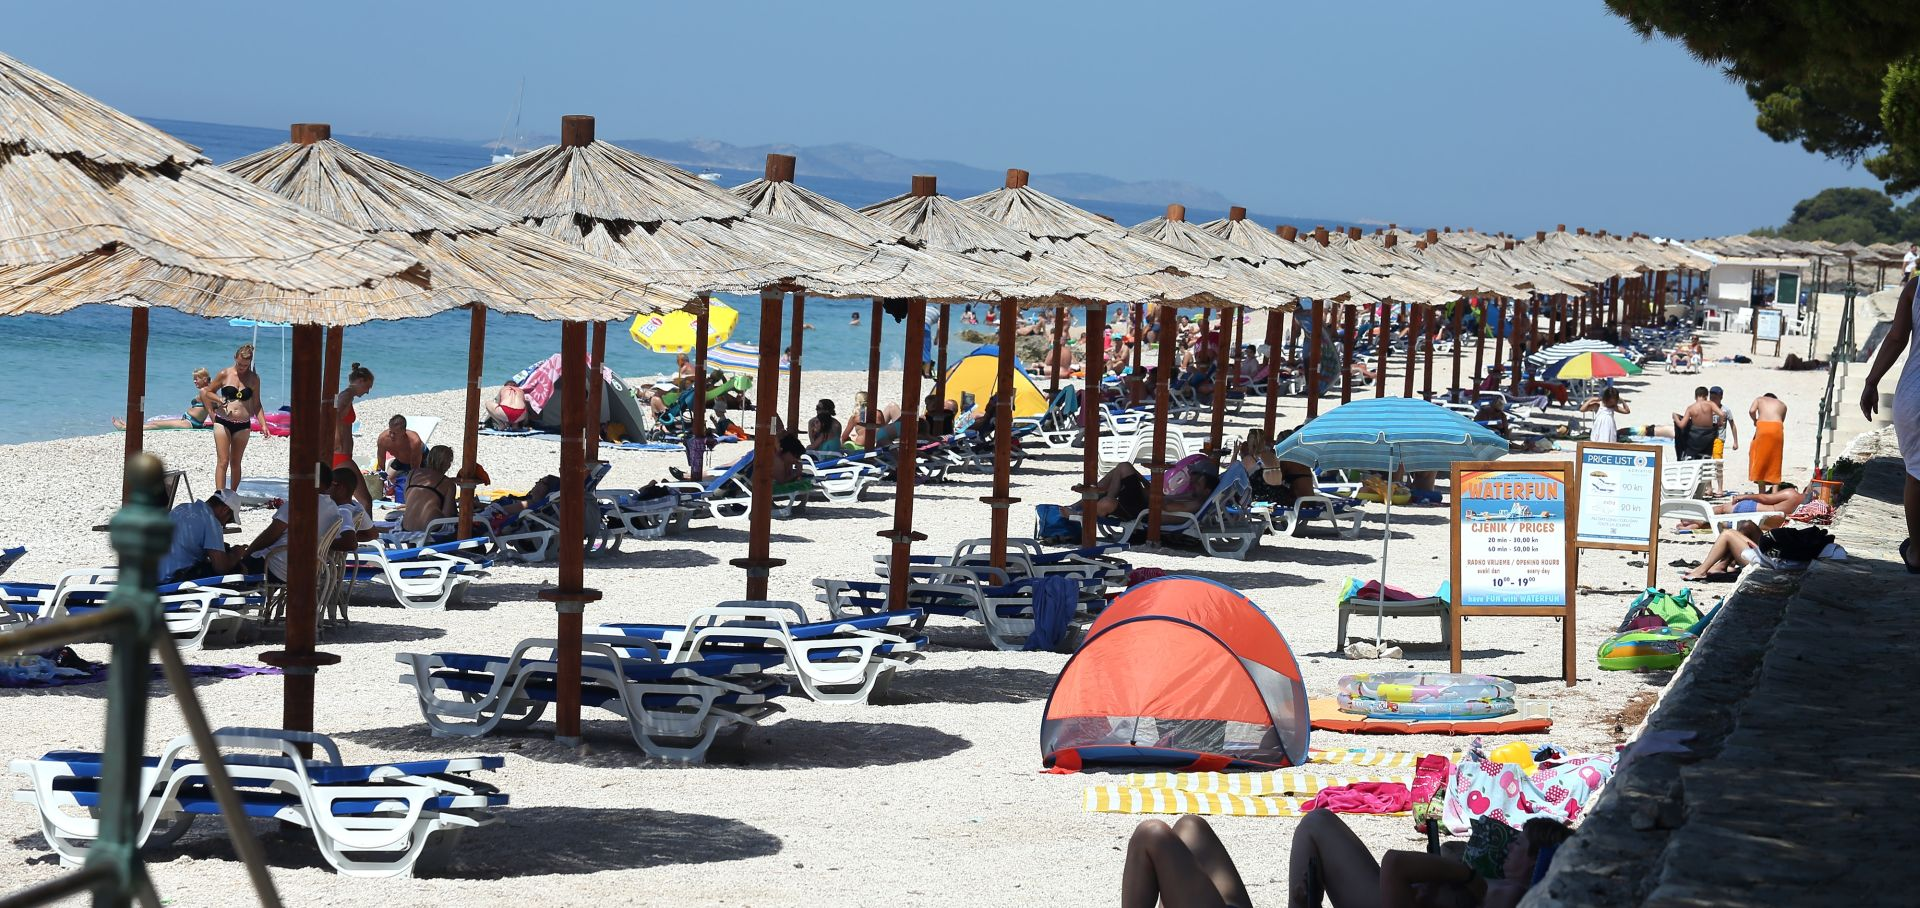 ISTARSKA POLICIJA SAVJETUJE Evo kako spriječiti krađe s plaže